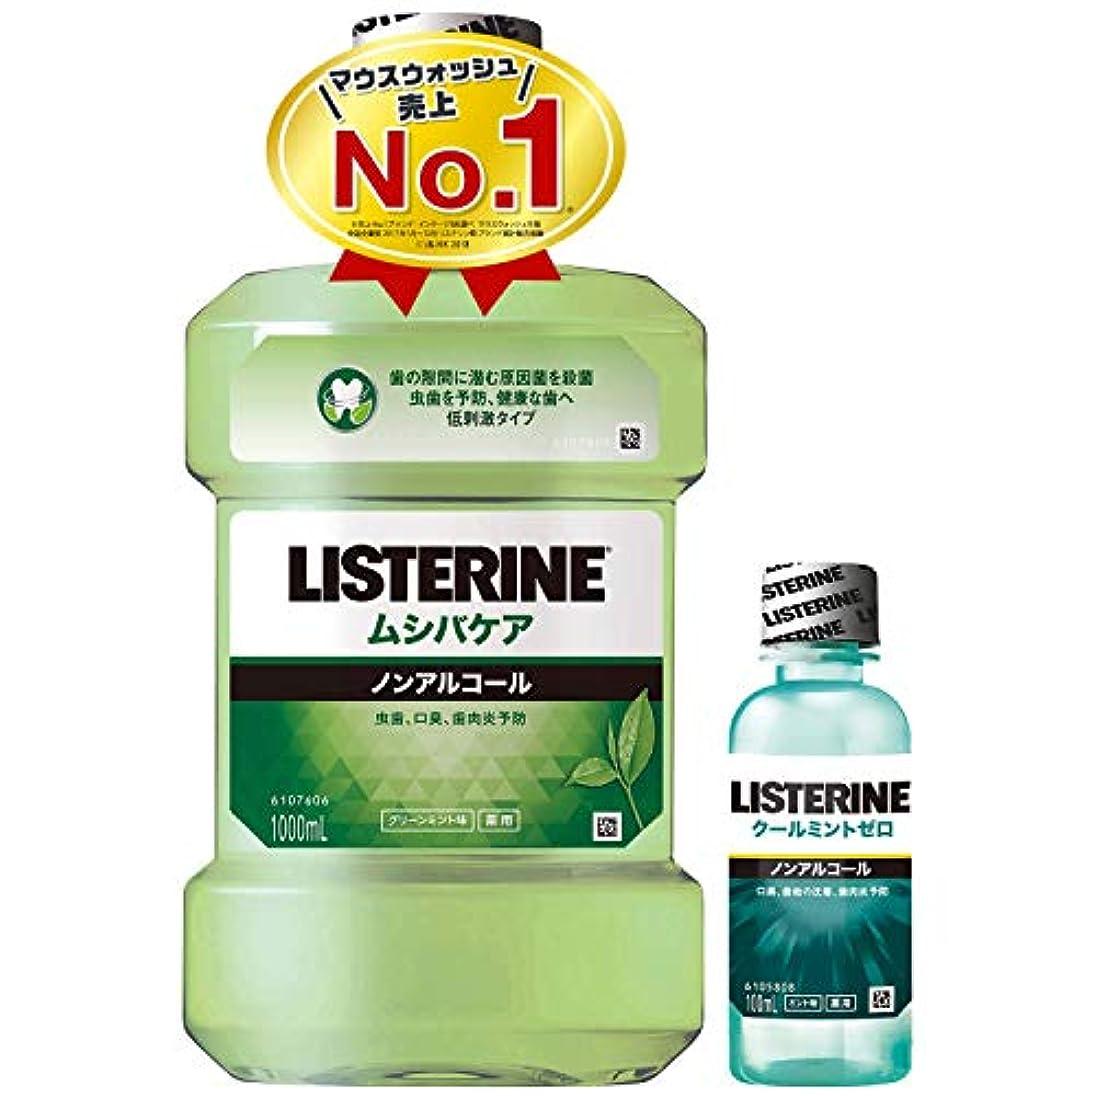 比類なき例示するグラフ【Amazon.co.jp限定】 LISTERINE(リステリン) [医薬部外品] 薬用 リステリン ムシバケア マウスウォッシュ グリーンミント味 1000mL+おまけつき